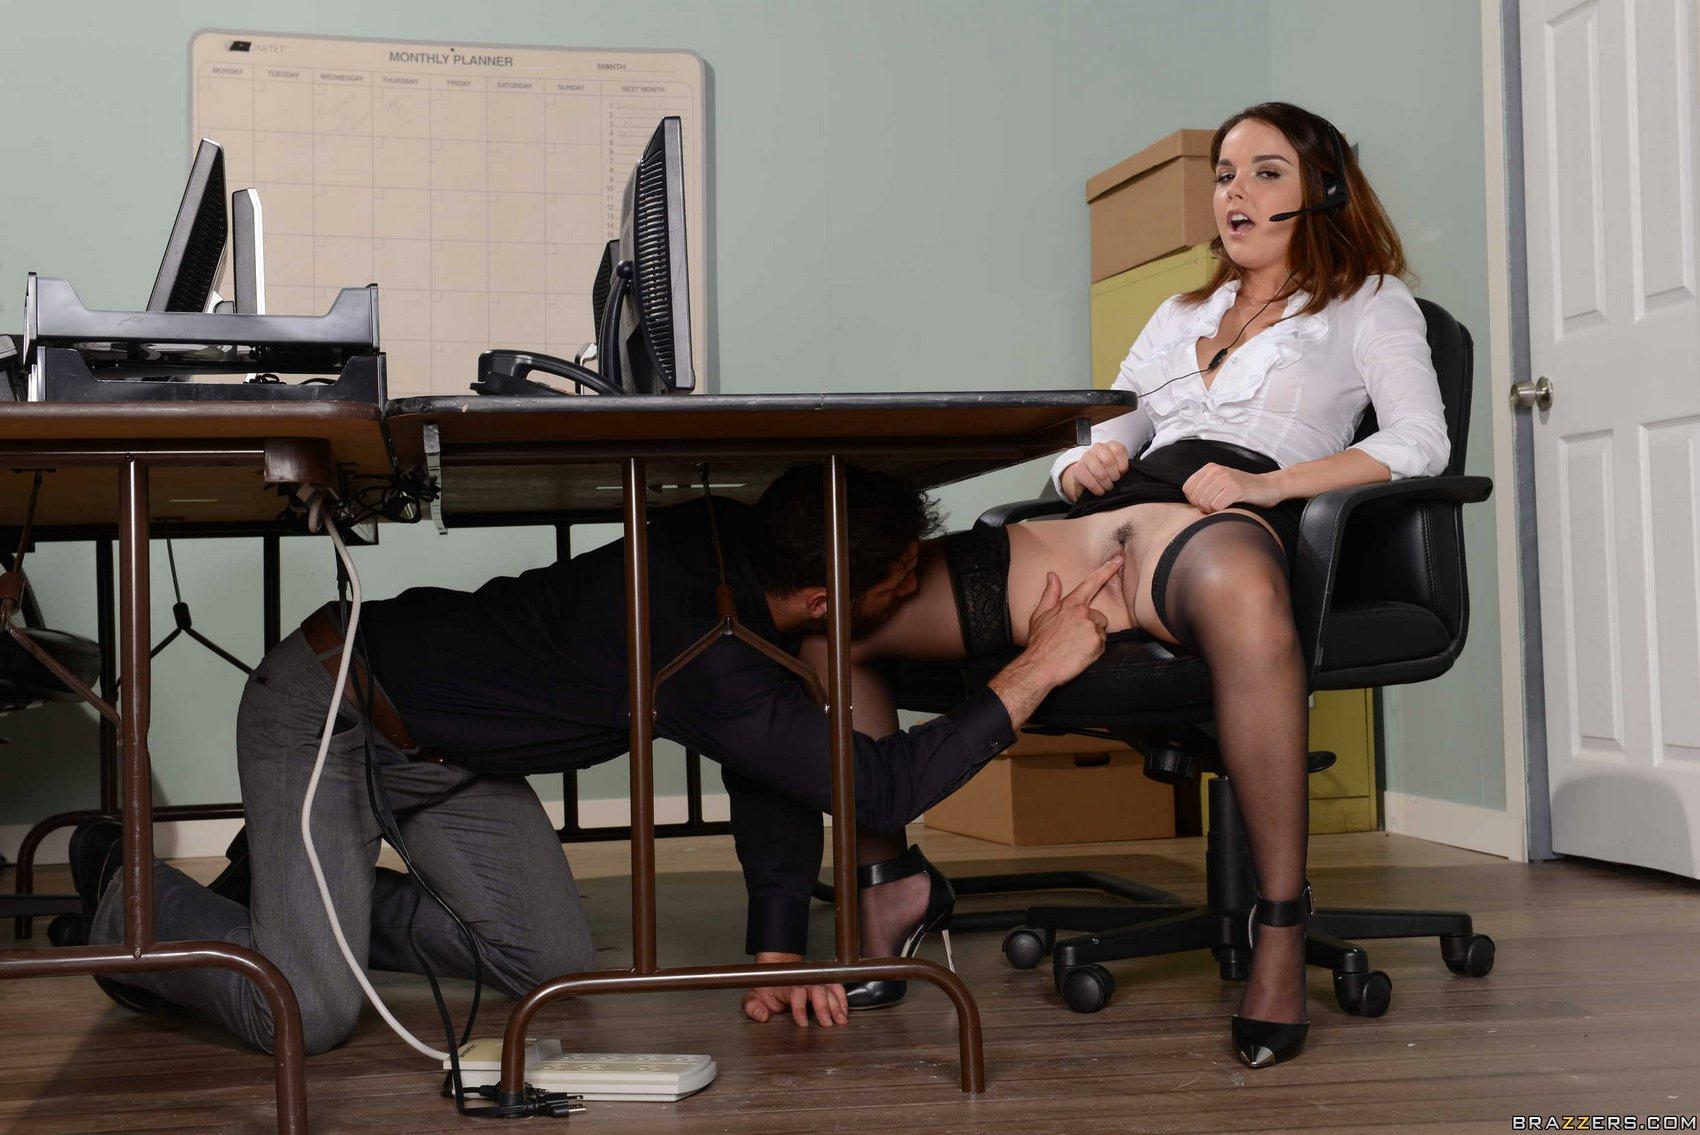 залезла под стол порно смотреть онлайн